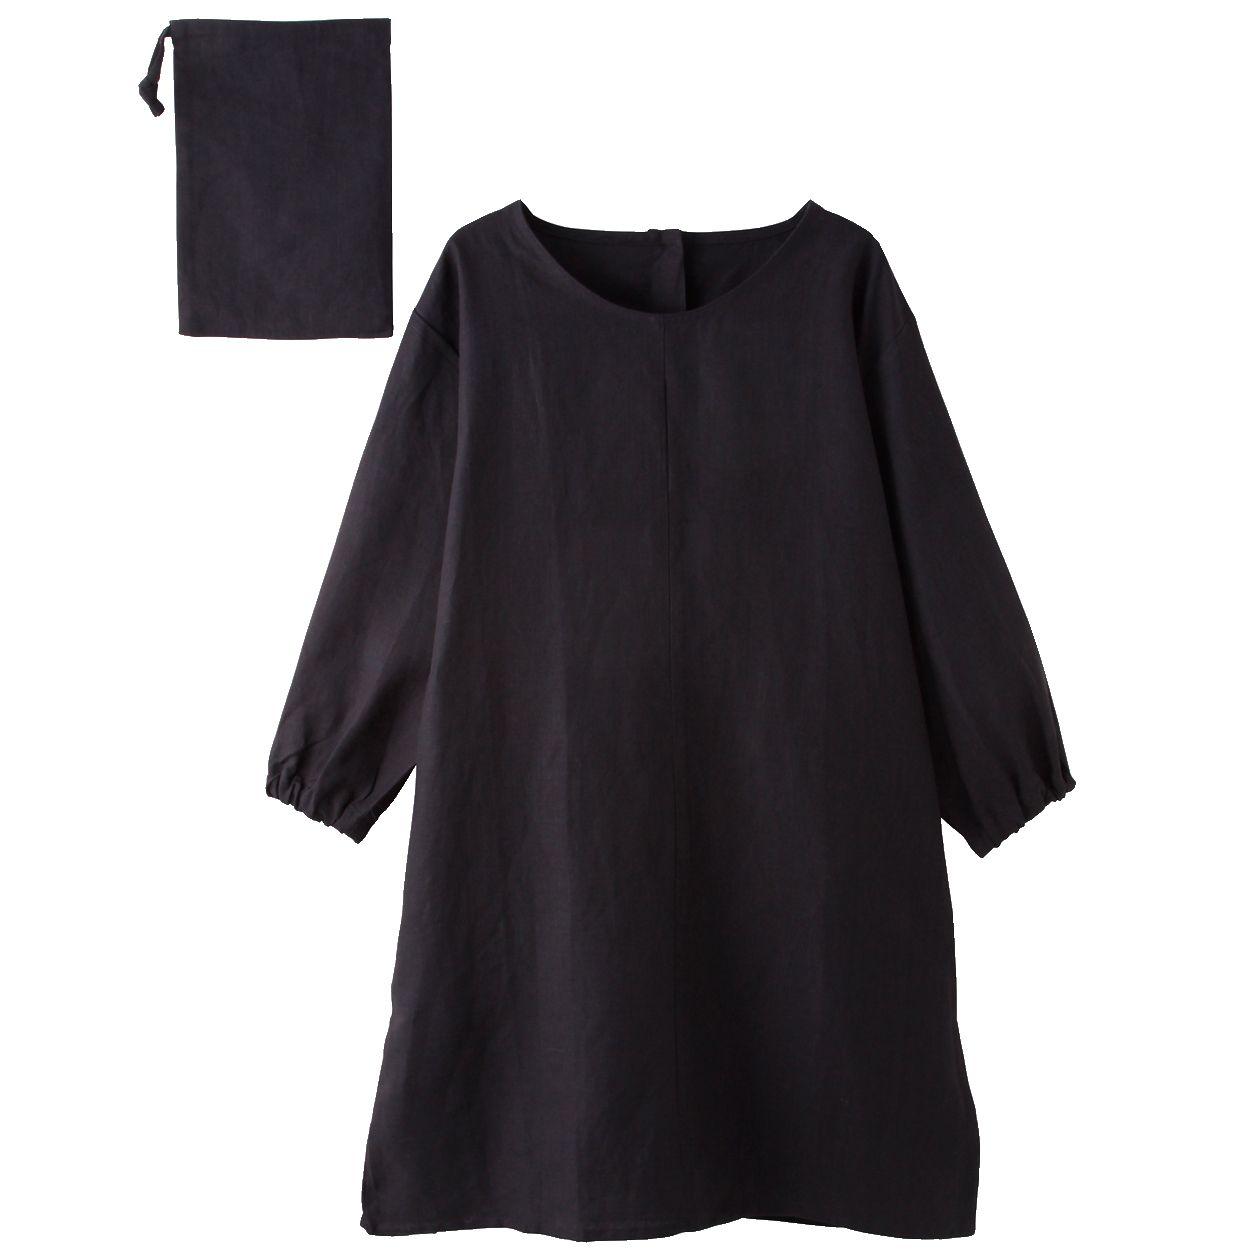 麻平織 割烹着 墨黒 身丈約90cm・巾着付 | 無印良品ネット